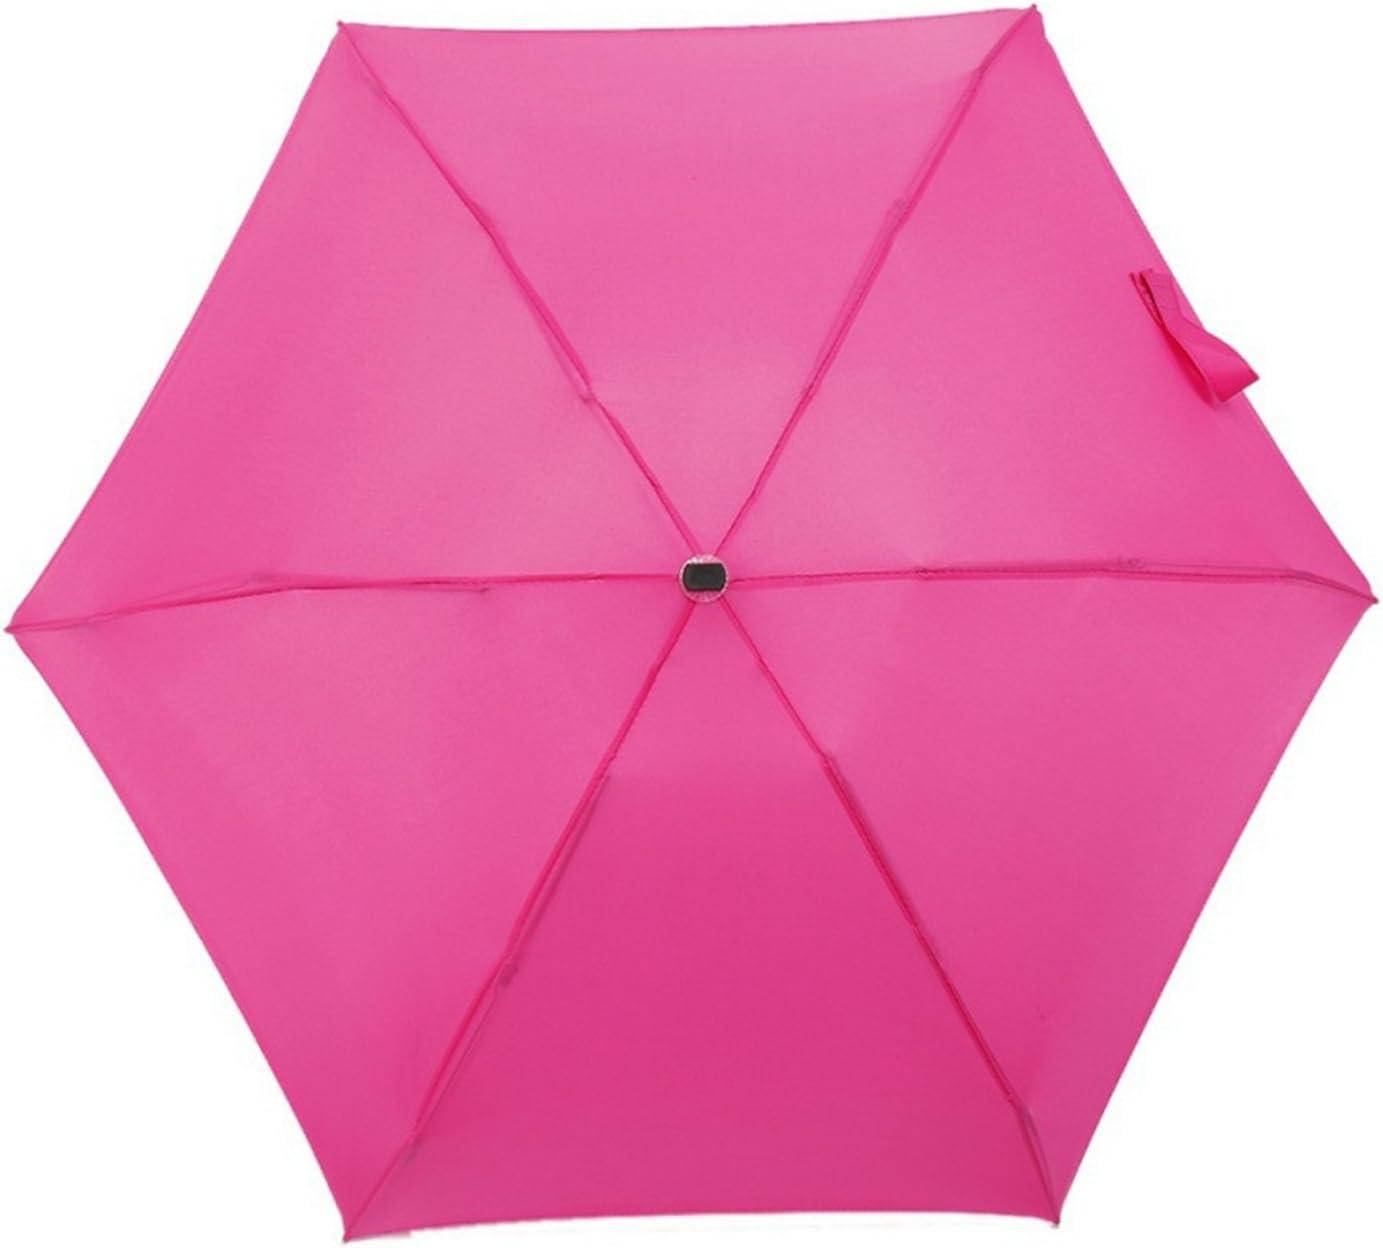 Leo Lamb Mini Capsule Pocket Light Umbrella Windproof Folding Umbrellas Travel Compact